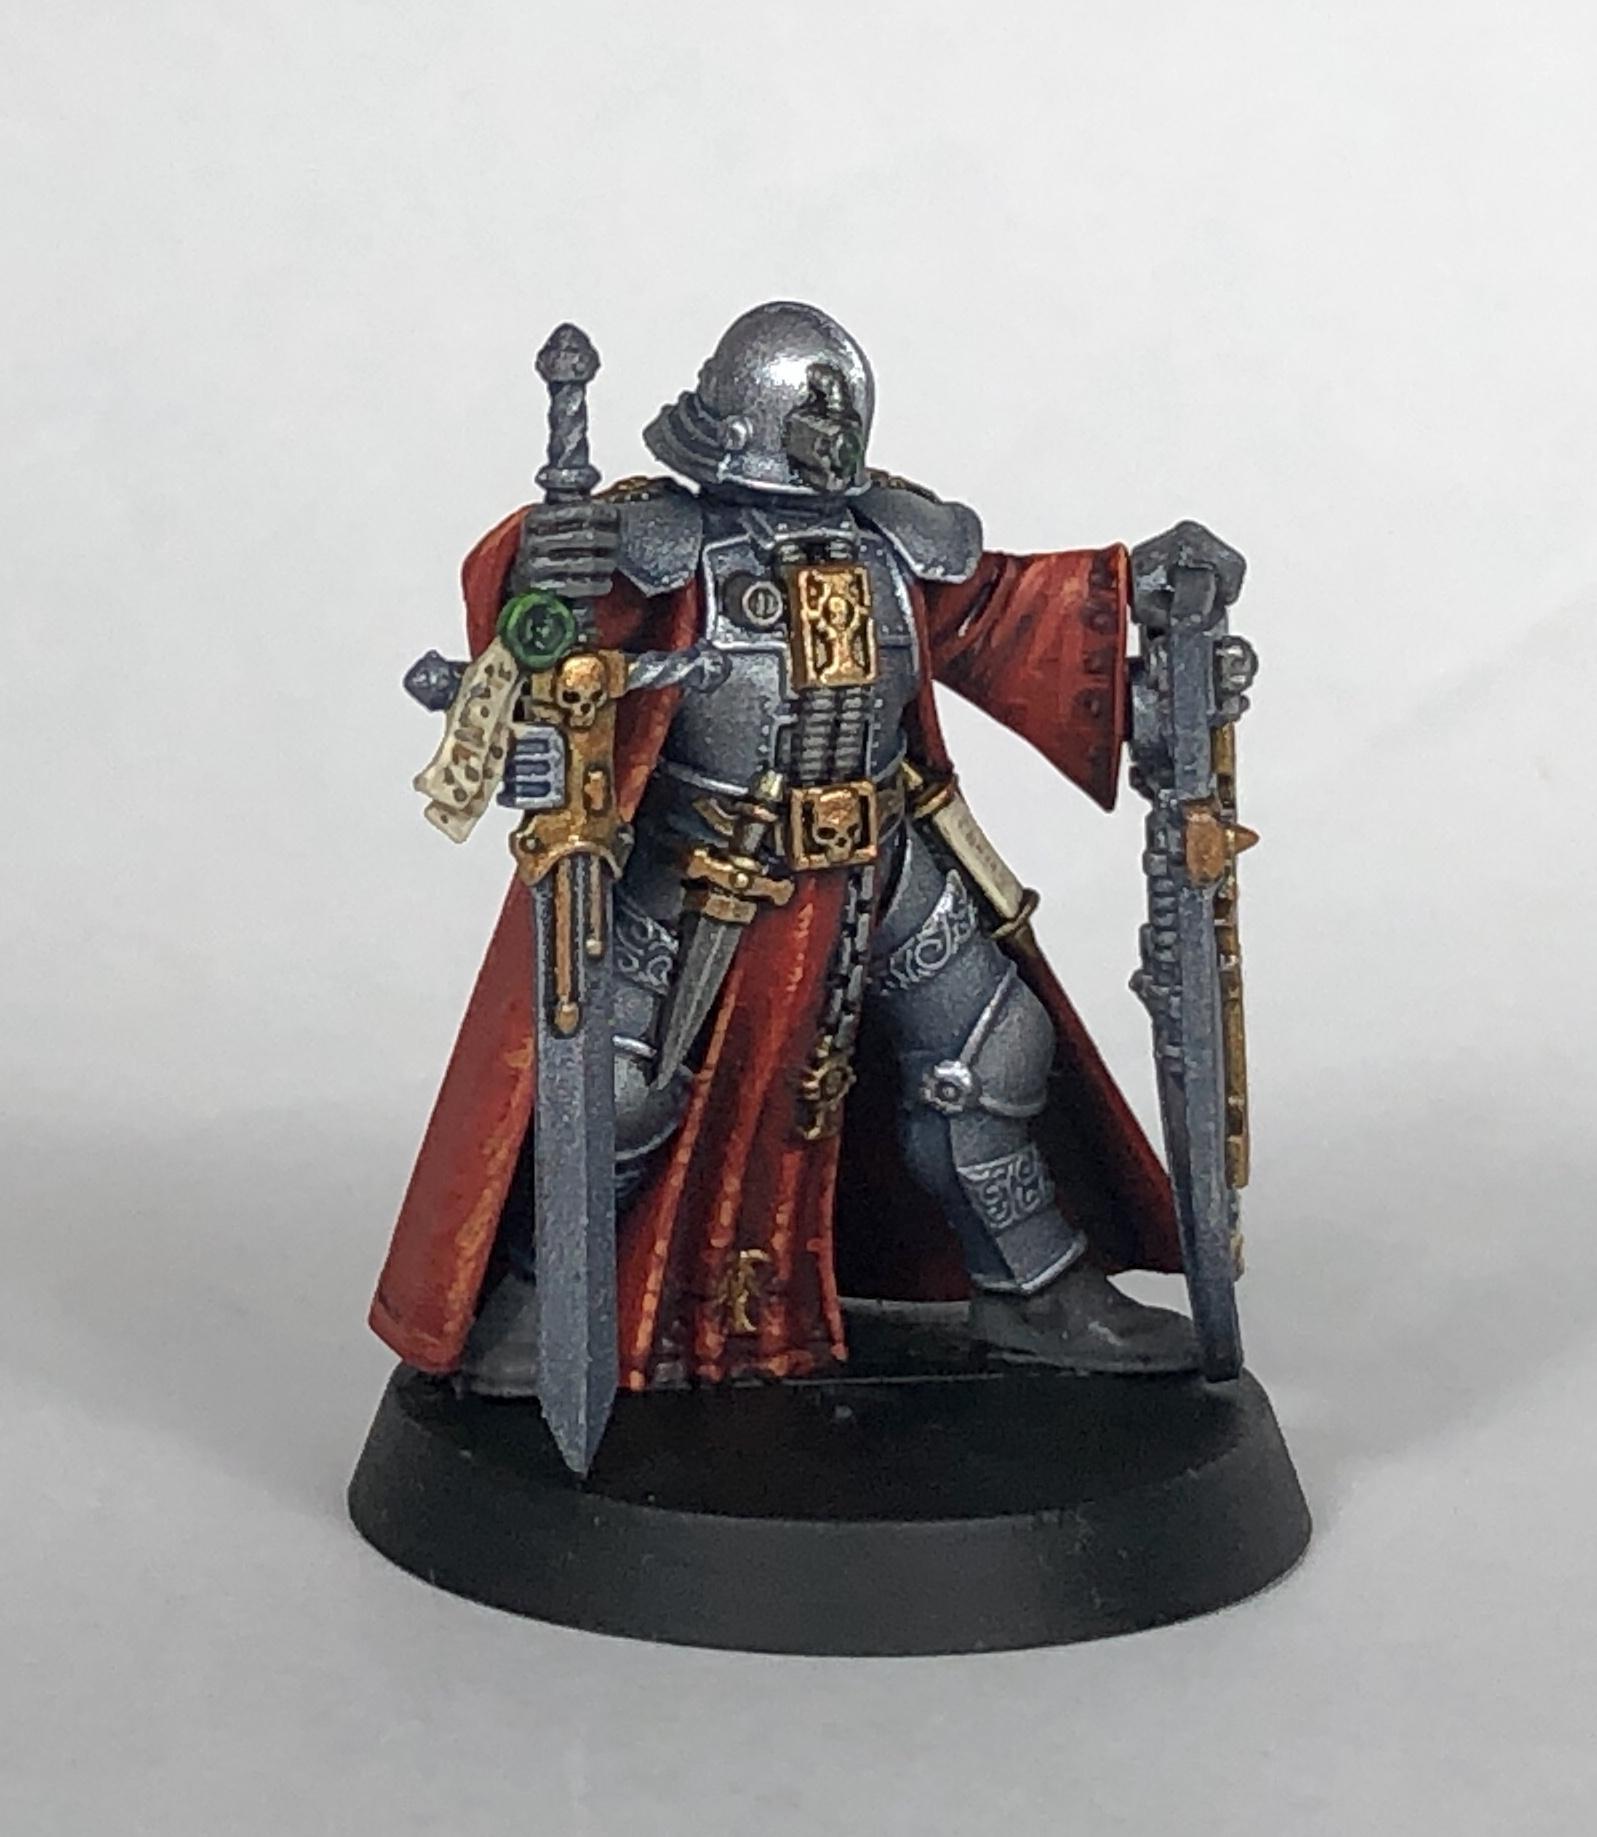 Adventurer, Blackstone Fortress, Crusader, Escalation, Gotfret De Montbard, Warhammer 40,000, Warhammer Quest